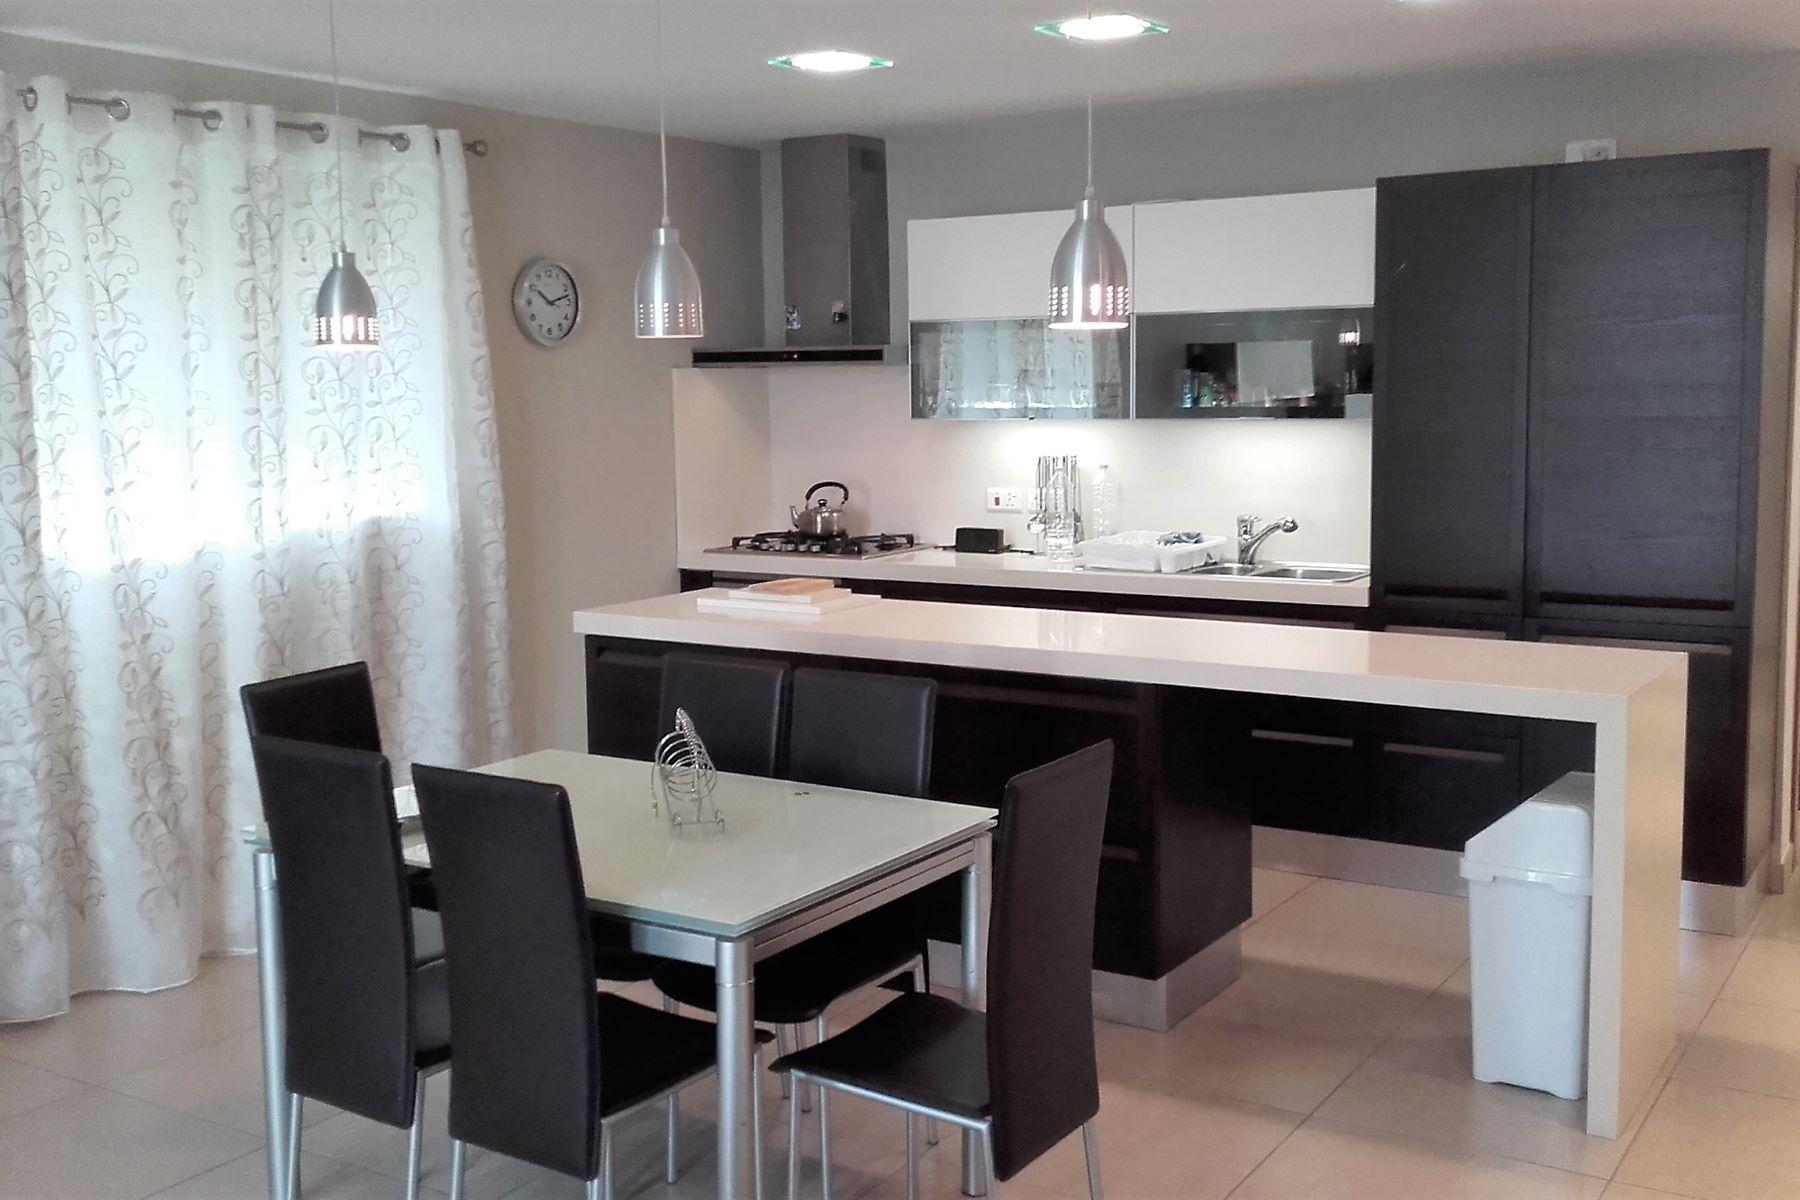 Single Family Home for Rent at Maisonette Kappara, San Gwann, Malta